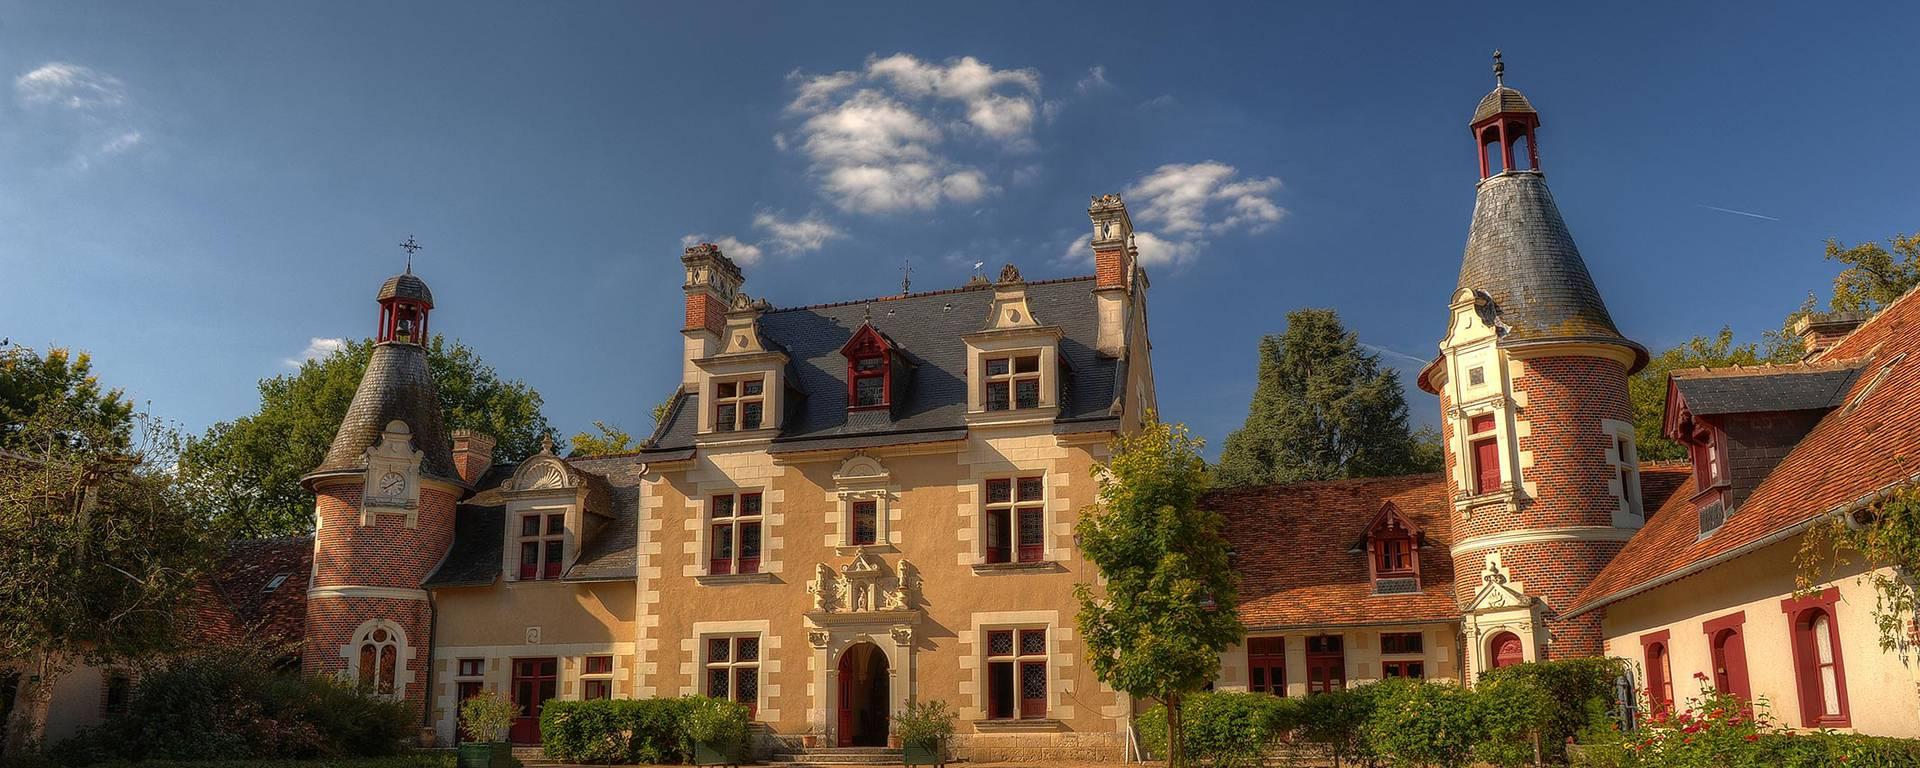 Der Hof von Schloss Troussay